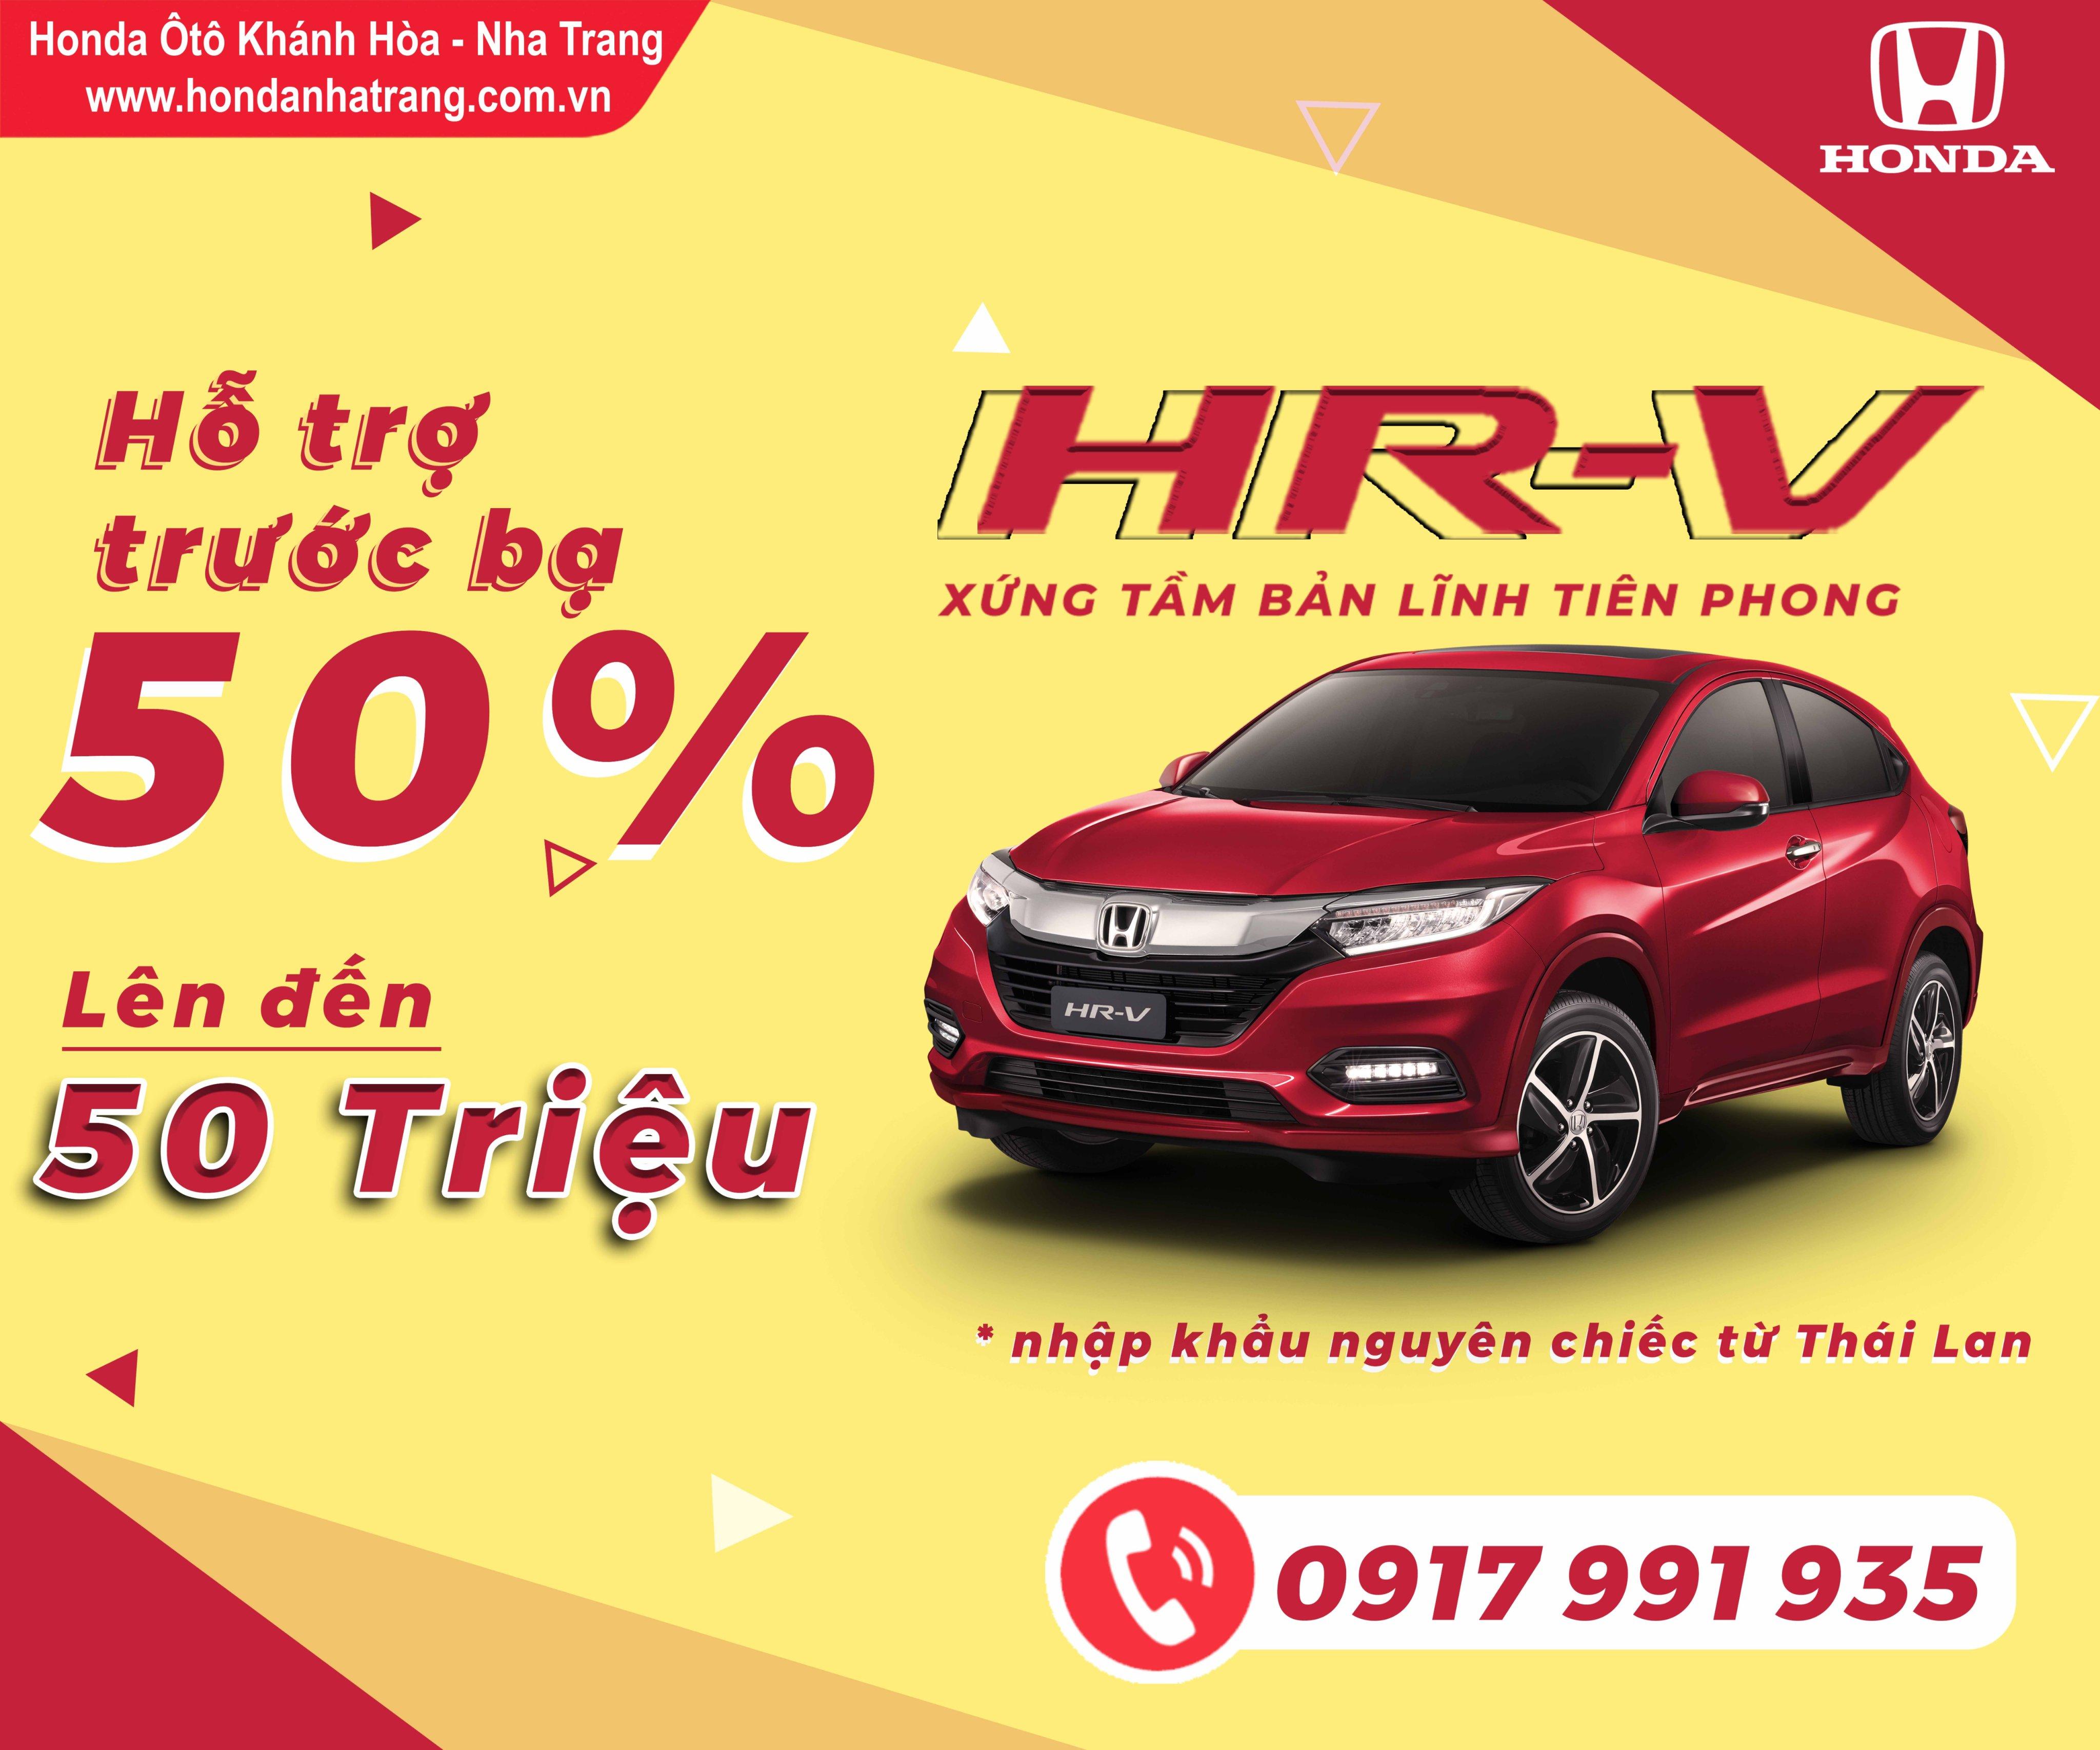 Khuyến mãi chạm mốc mùa Covid 19 tại Honda Ôtô Khánh Hòa – Nha Trang